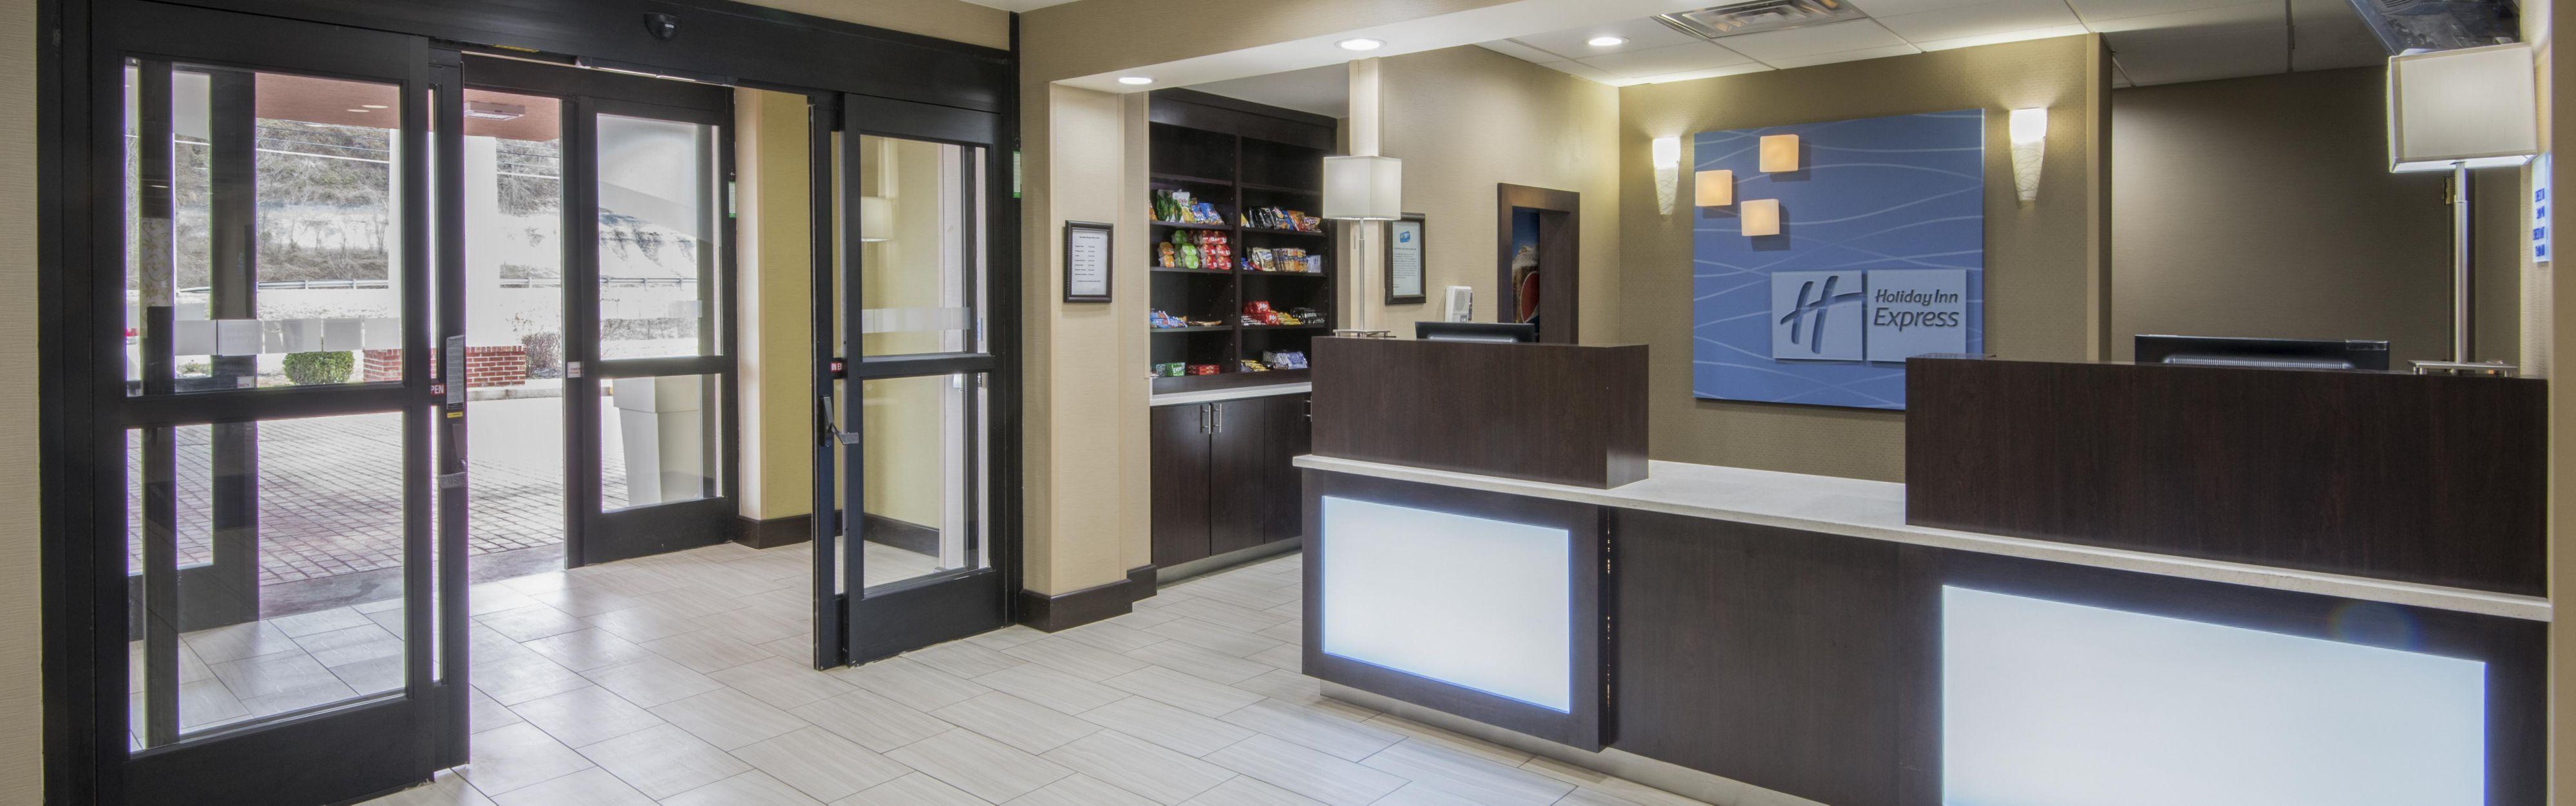 Holiday Inn Express & Suites Ashland image 0